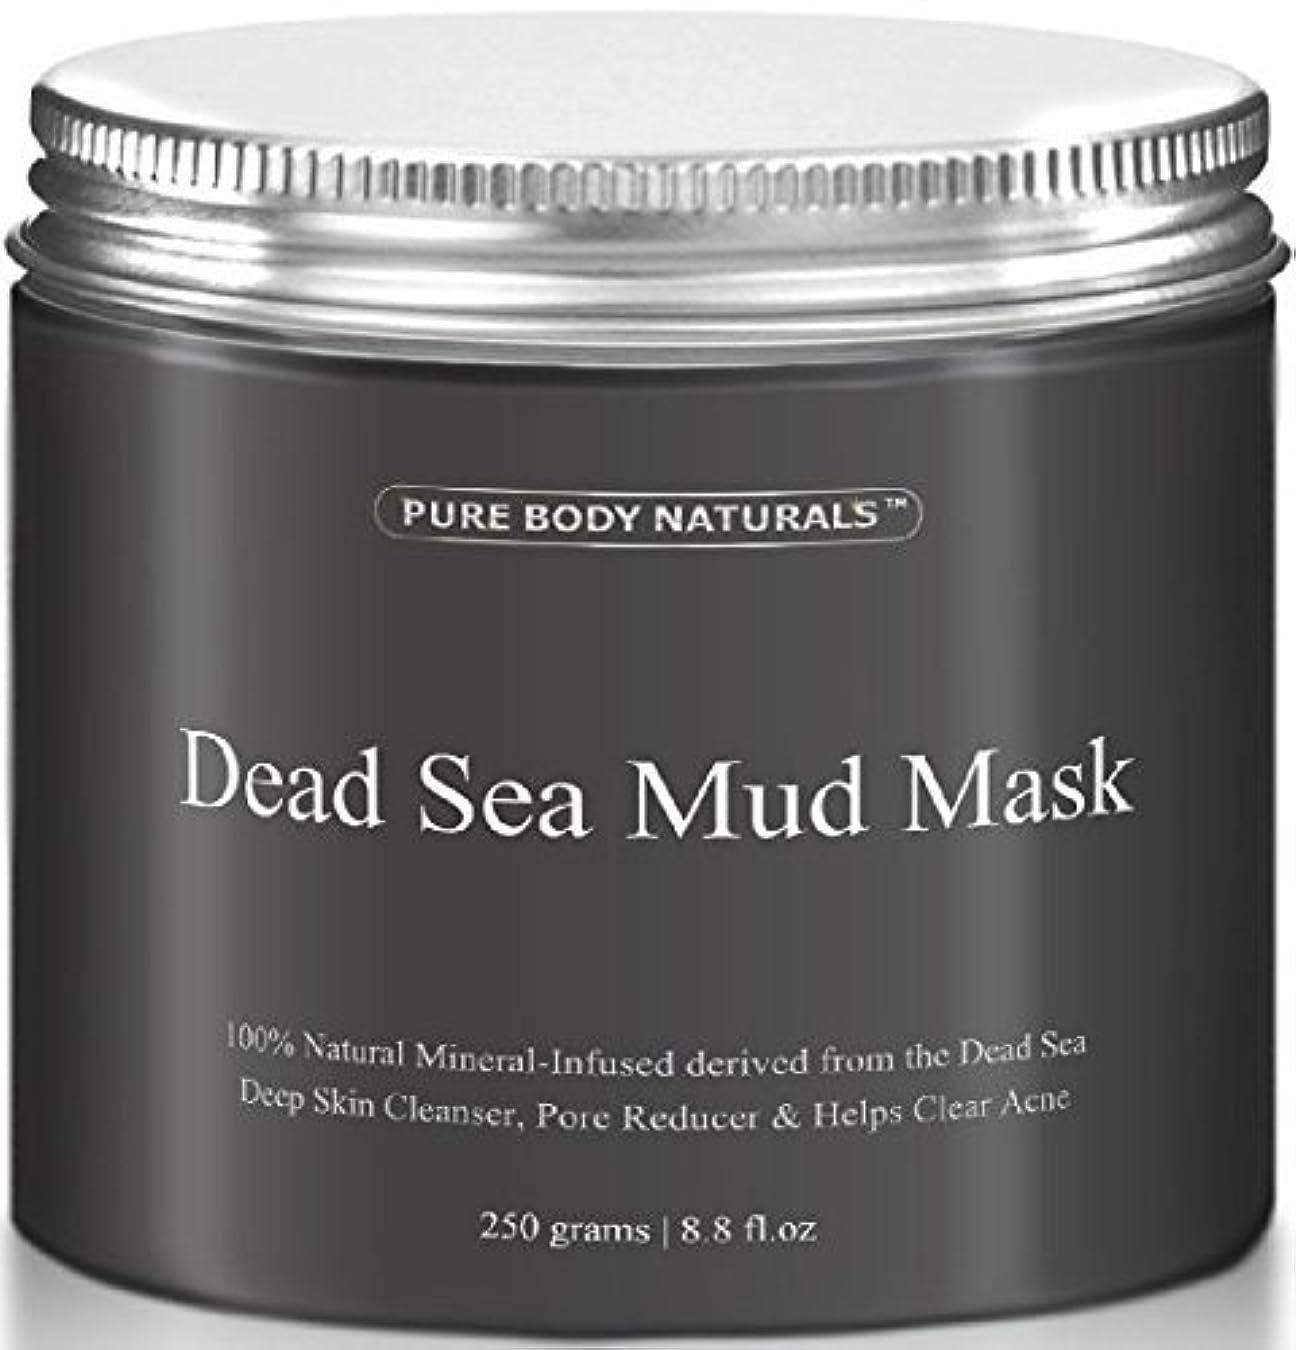 保存する外交添付Dead Sea Mud Mask 死海の泥マスク 250g [並行輸入品]